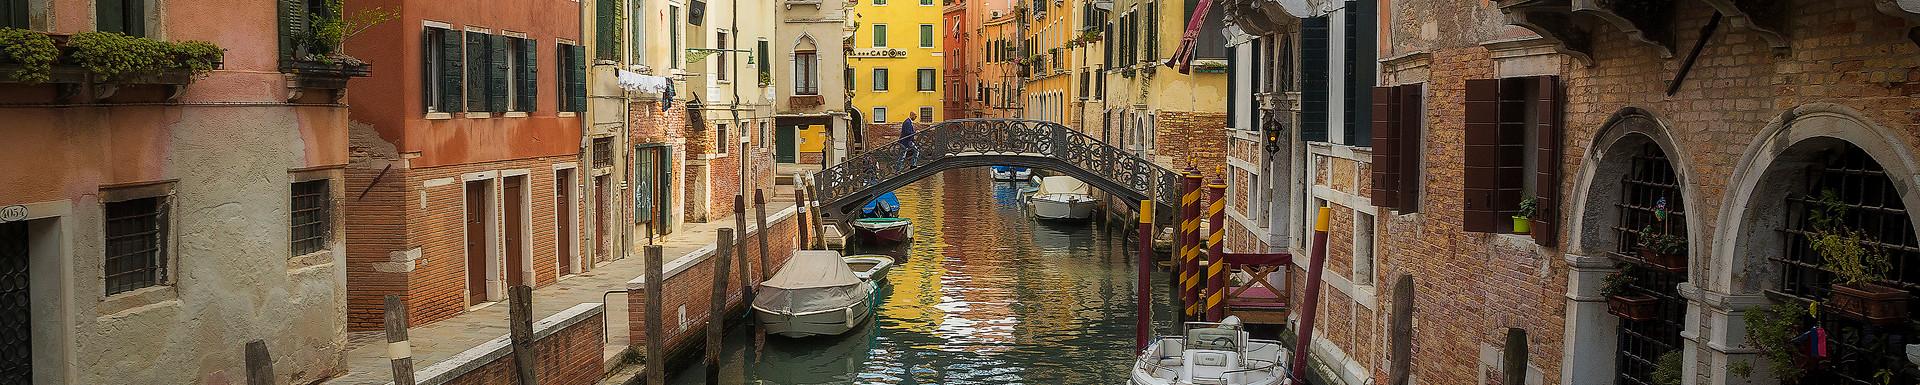 The Silence of Venice